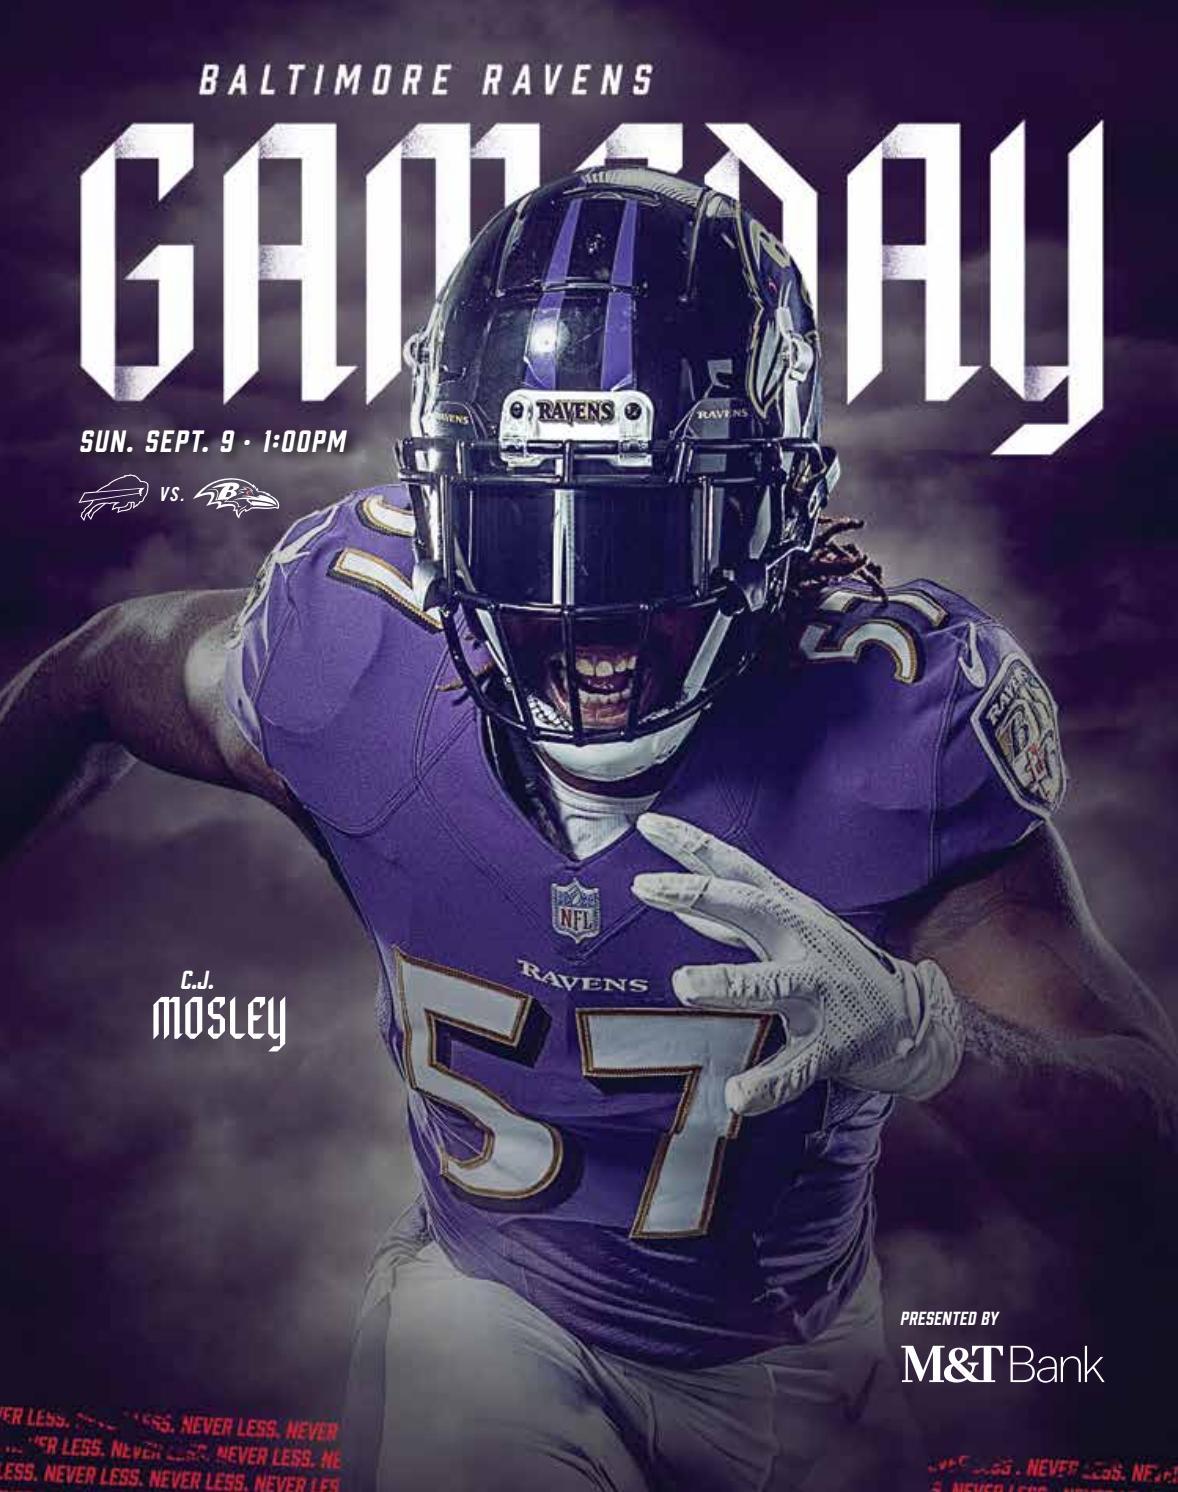 Week 1 Buffalo Bills Vs Baltimore Ravens By Baltimore Ravens Issuu